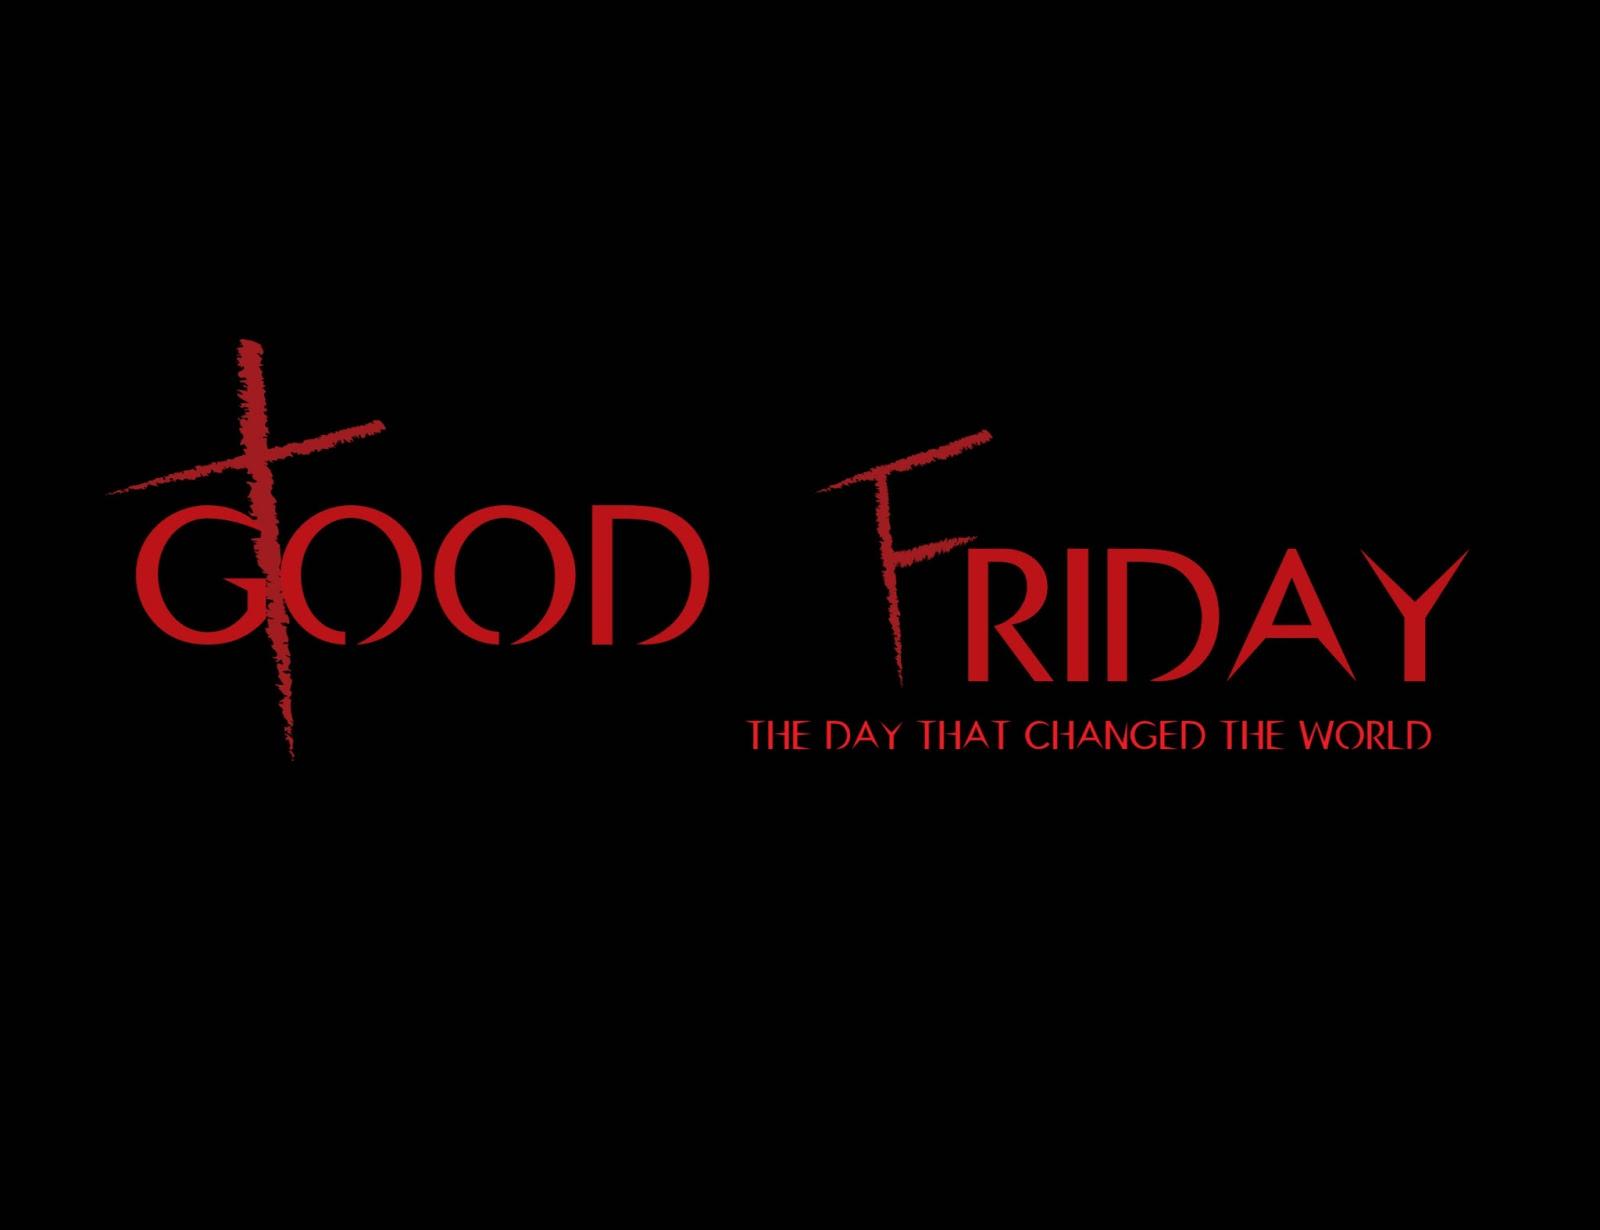 Christian community celebrates Good Friday The Friday before Easter kSVMKIrk